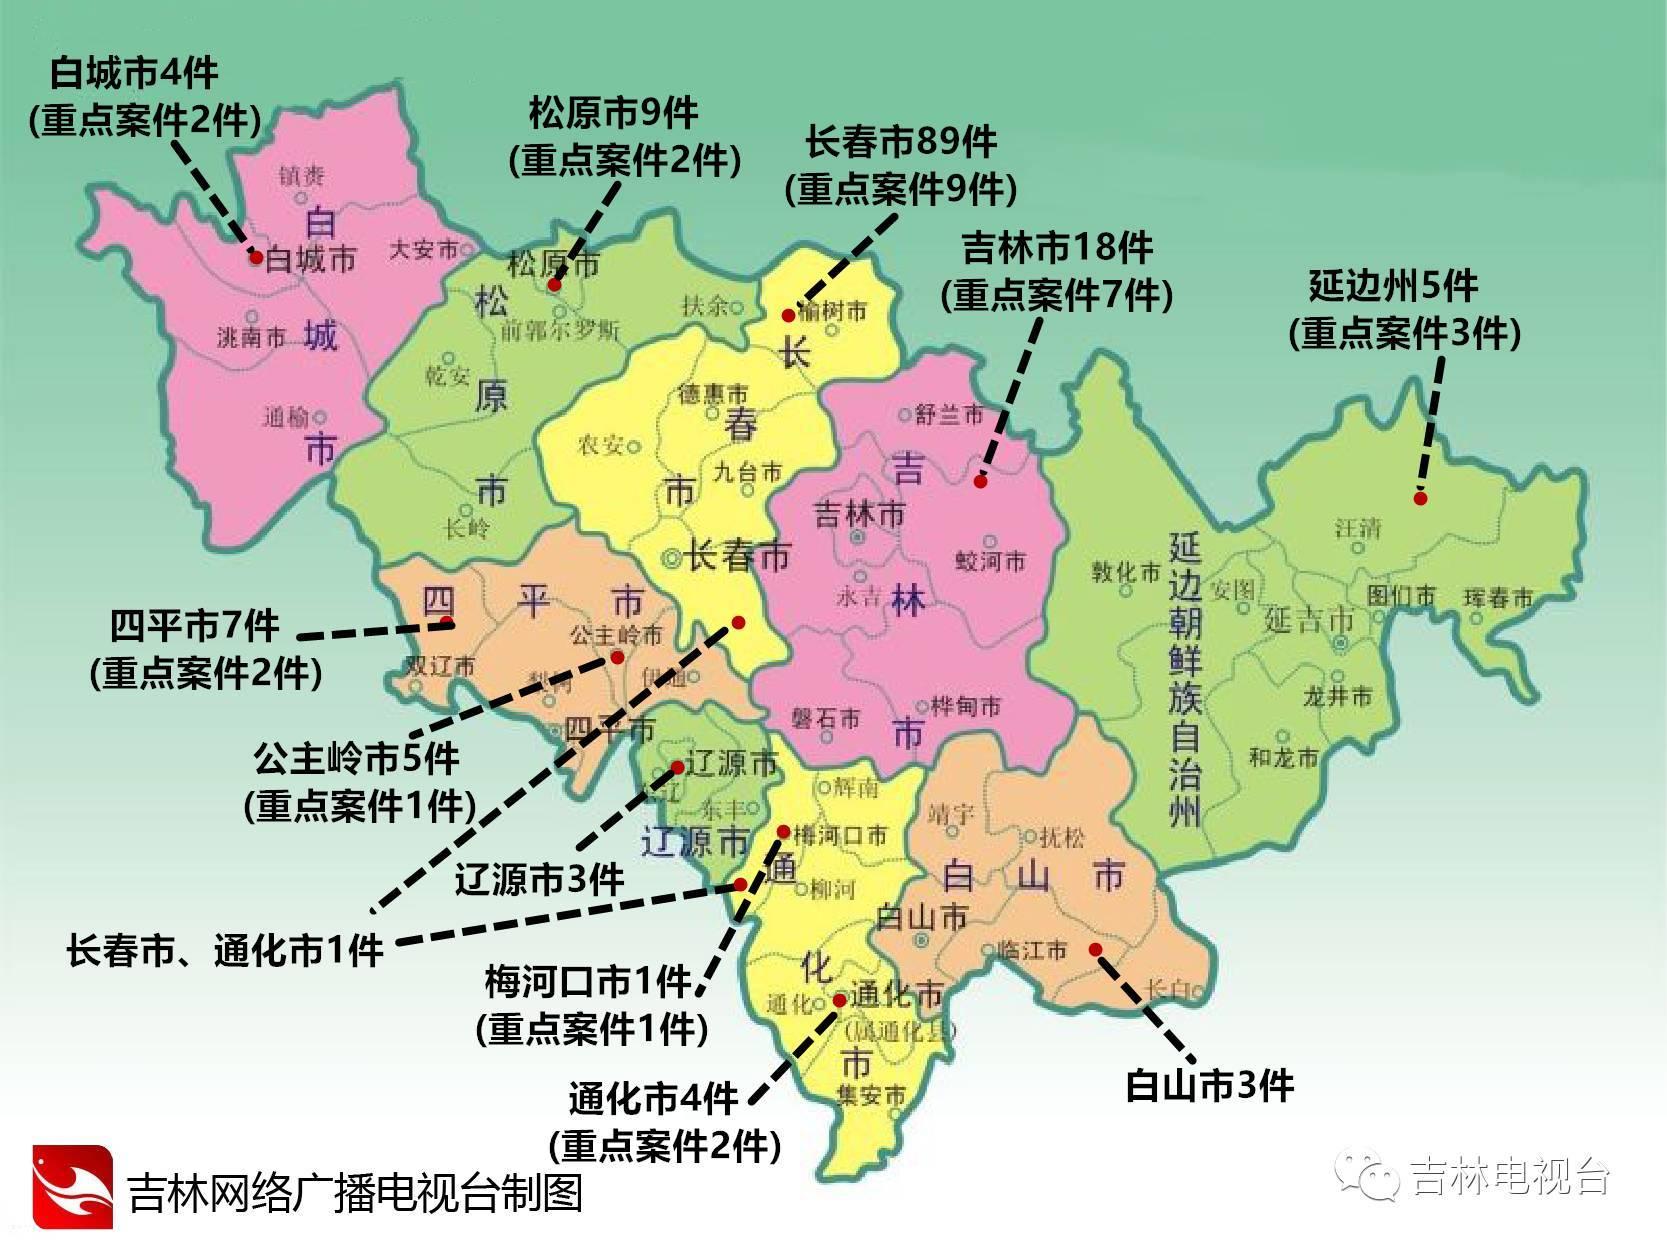 松原市区地图高清版